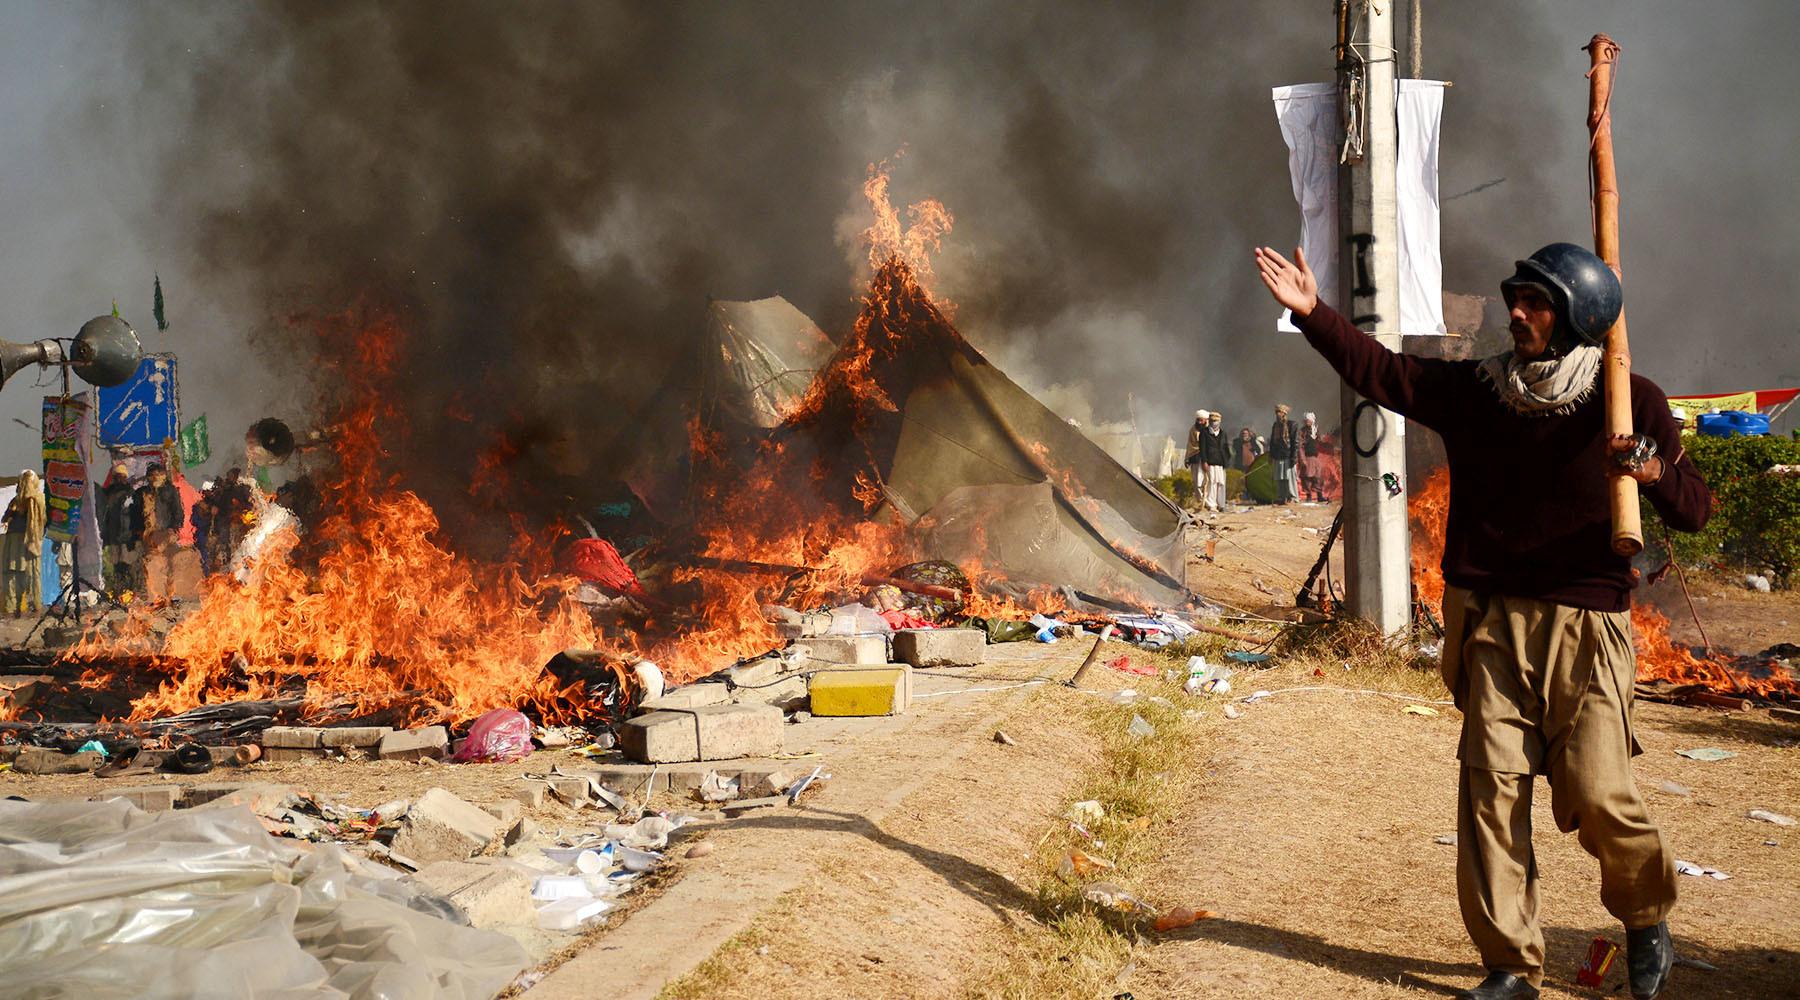 Несёт ли дестабилизация обстановки в Пакистане угрозу для человечества